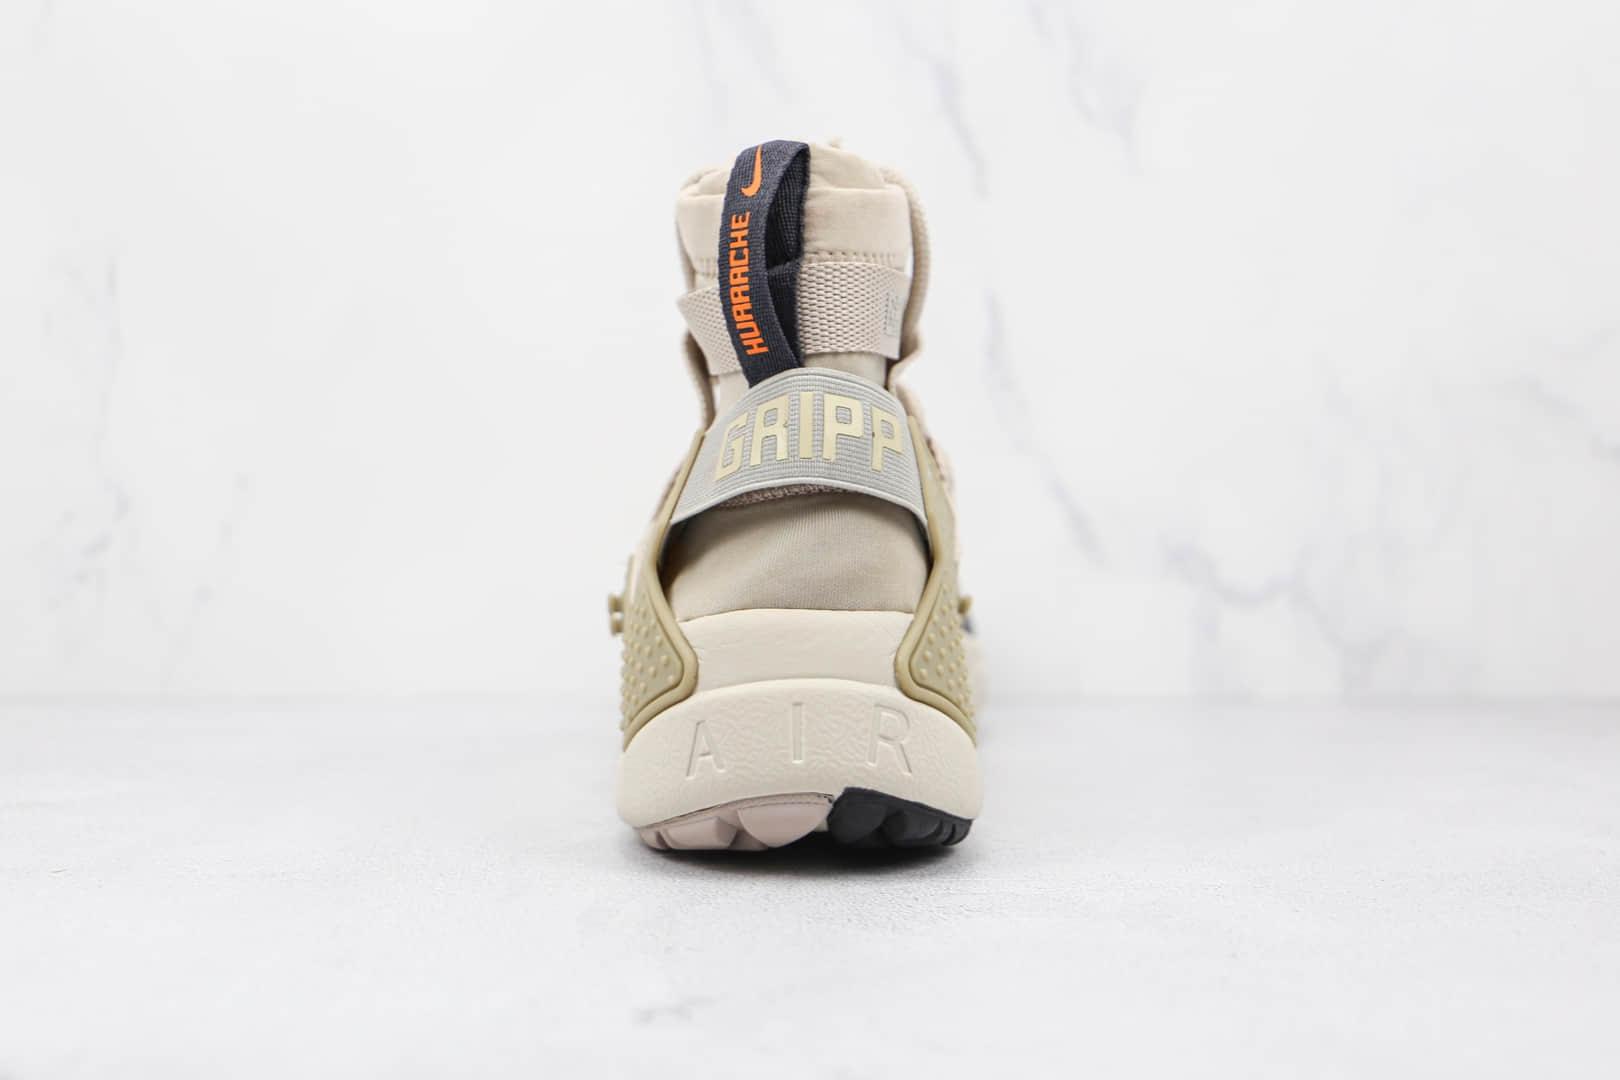 耐克Nike Air Huarache Gripp纯原版本华莱士米色高帮机能跑鞋原档案数据开发 货号:AQ2802-002